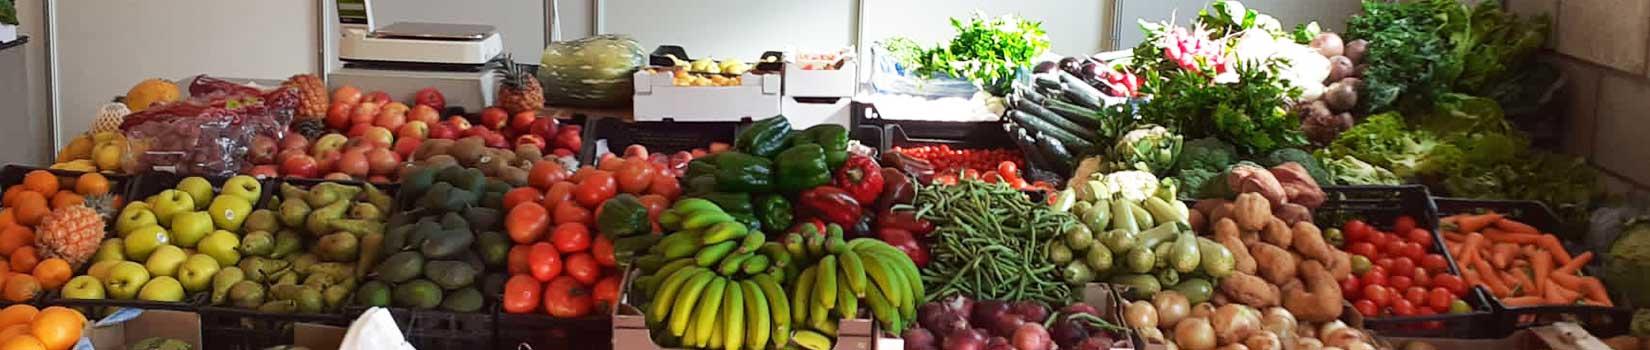 Verduras y hortalizas Vega de Enmedio Leticia y Manolo